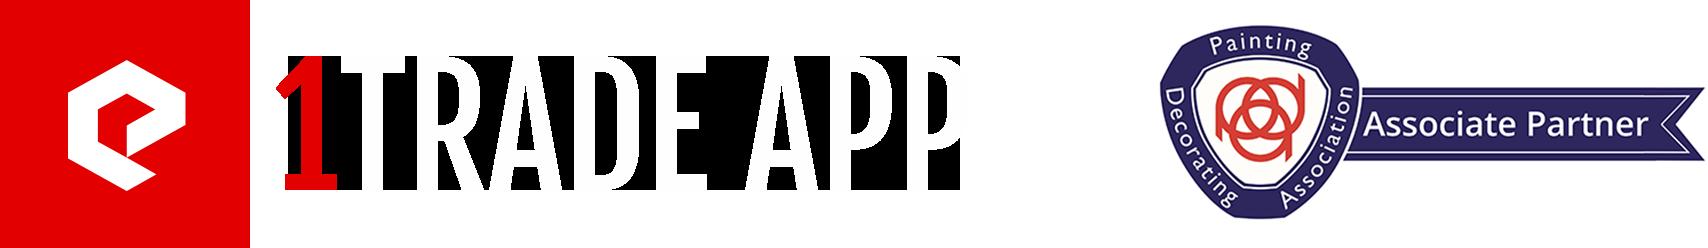 1tradeapp-tx-blacktext-PDA